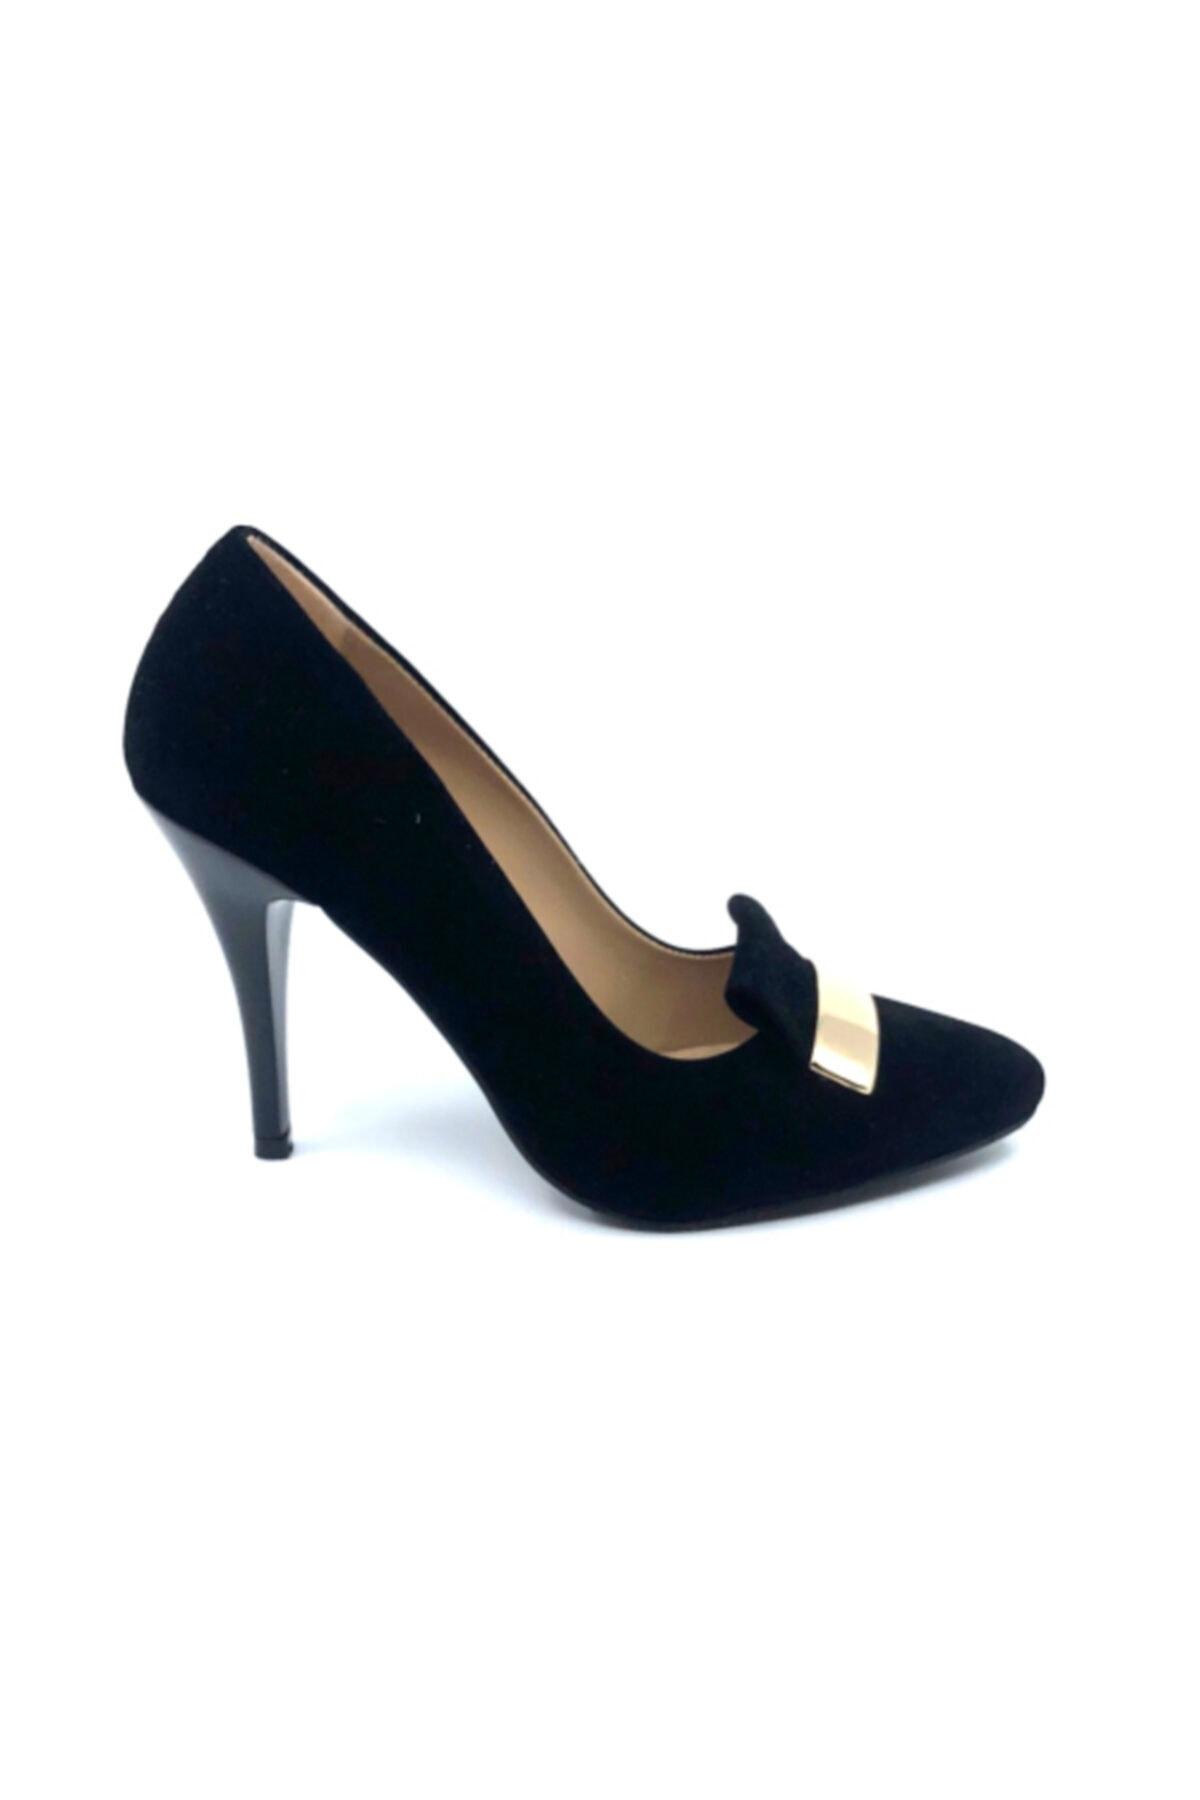 FORS SHOES Kadın Siyah Süet Tokalı Topuklu Stiletto Ayakkabı